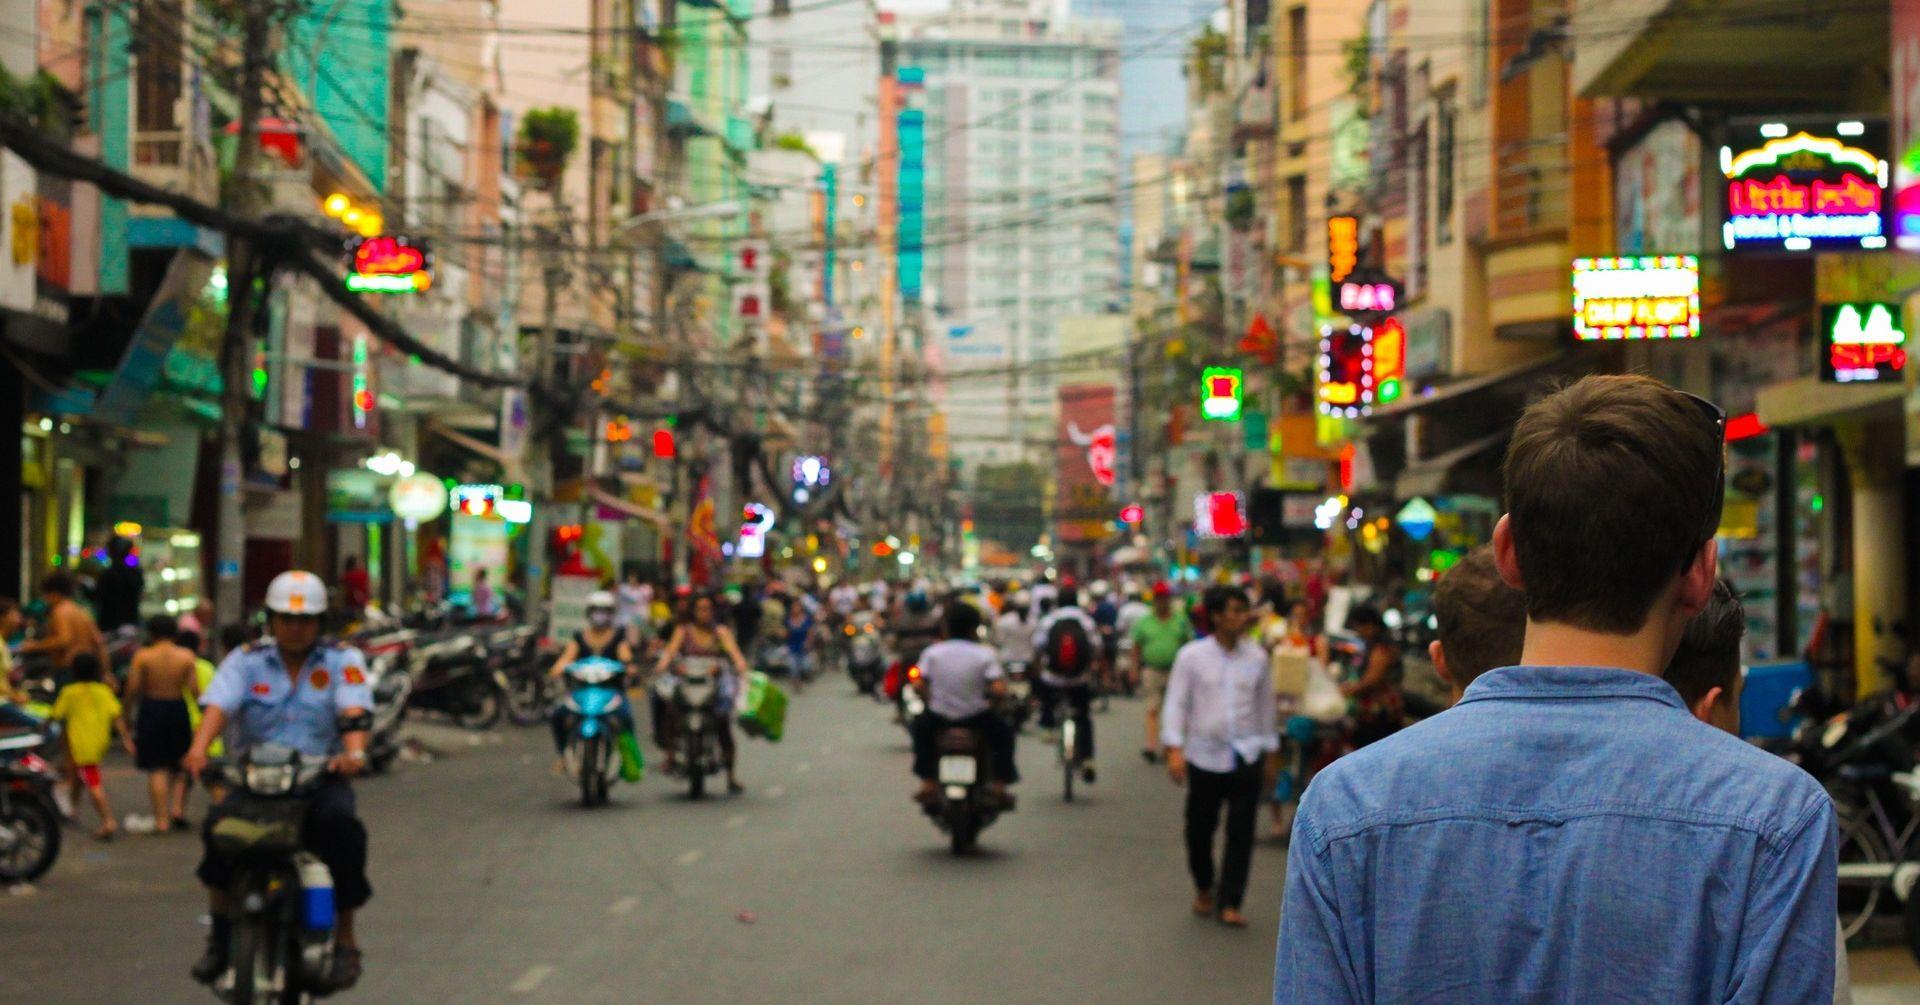 Kina traži puštanje na slobodu potpredsjednice Huaweia